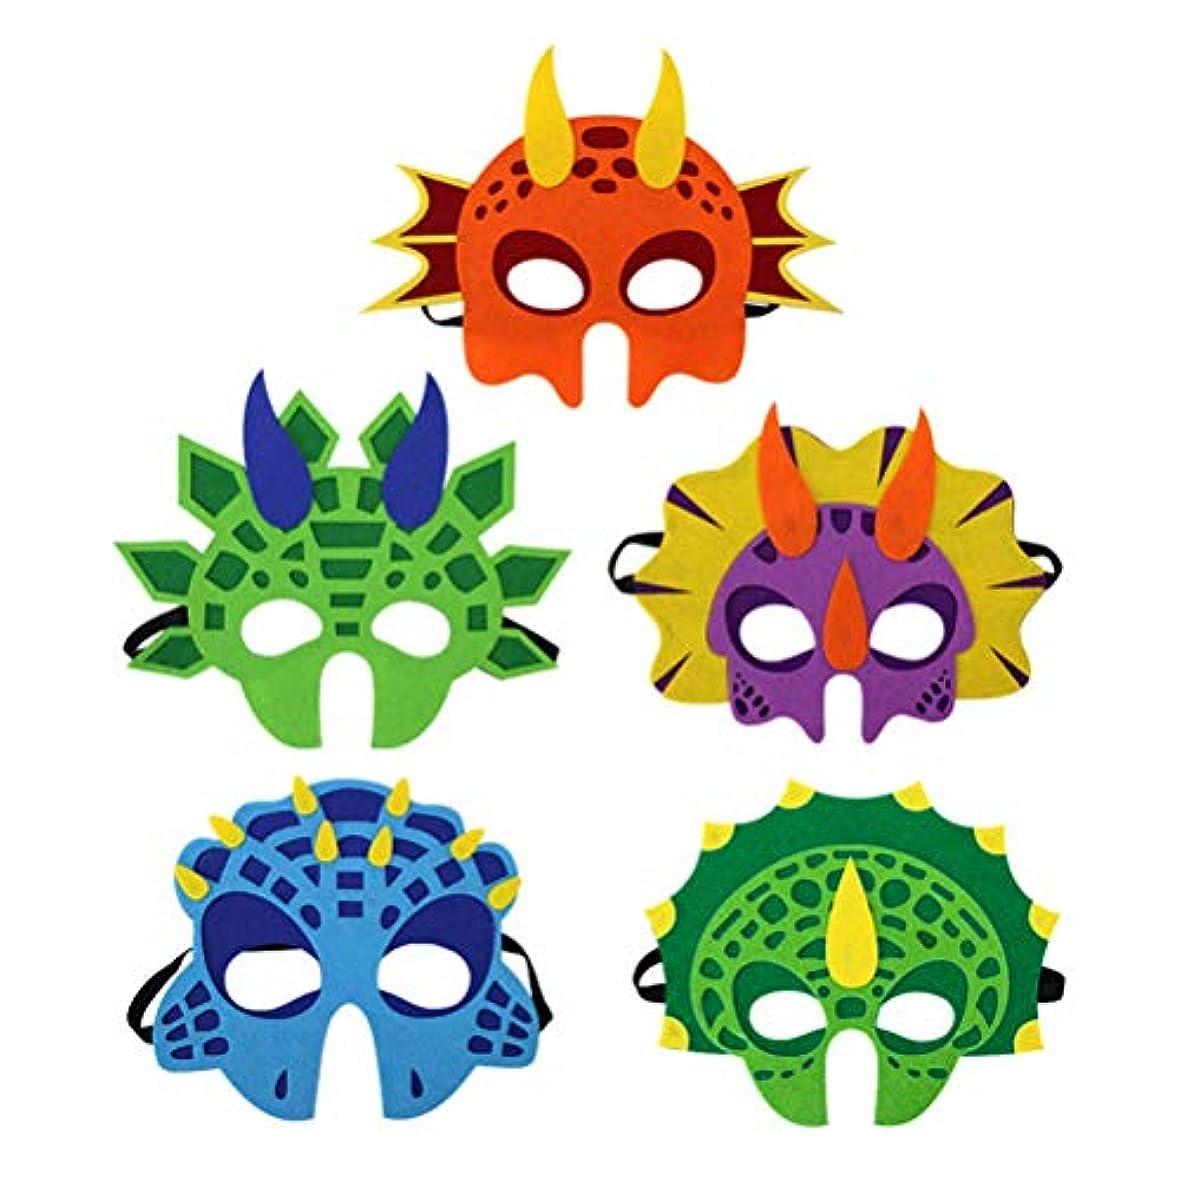 忌避剤ドラッグあなたのものBESTOYARD 5ピース恐竜マスクコスプレフェルトマスクかわいい恐竜漫画フェイスマスク用子供キッズパーティー用品